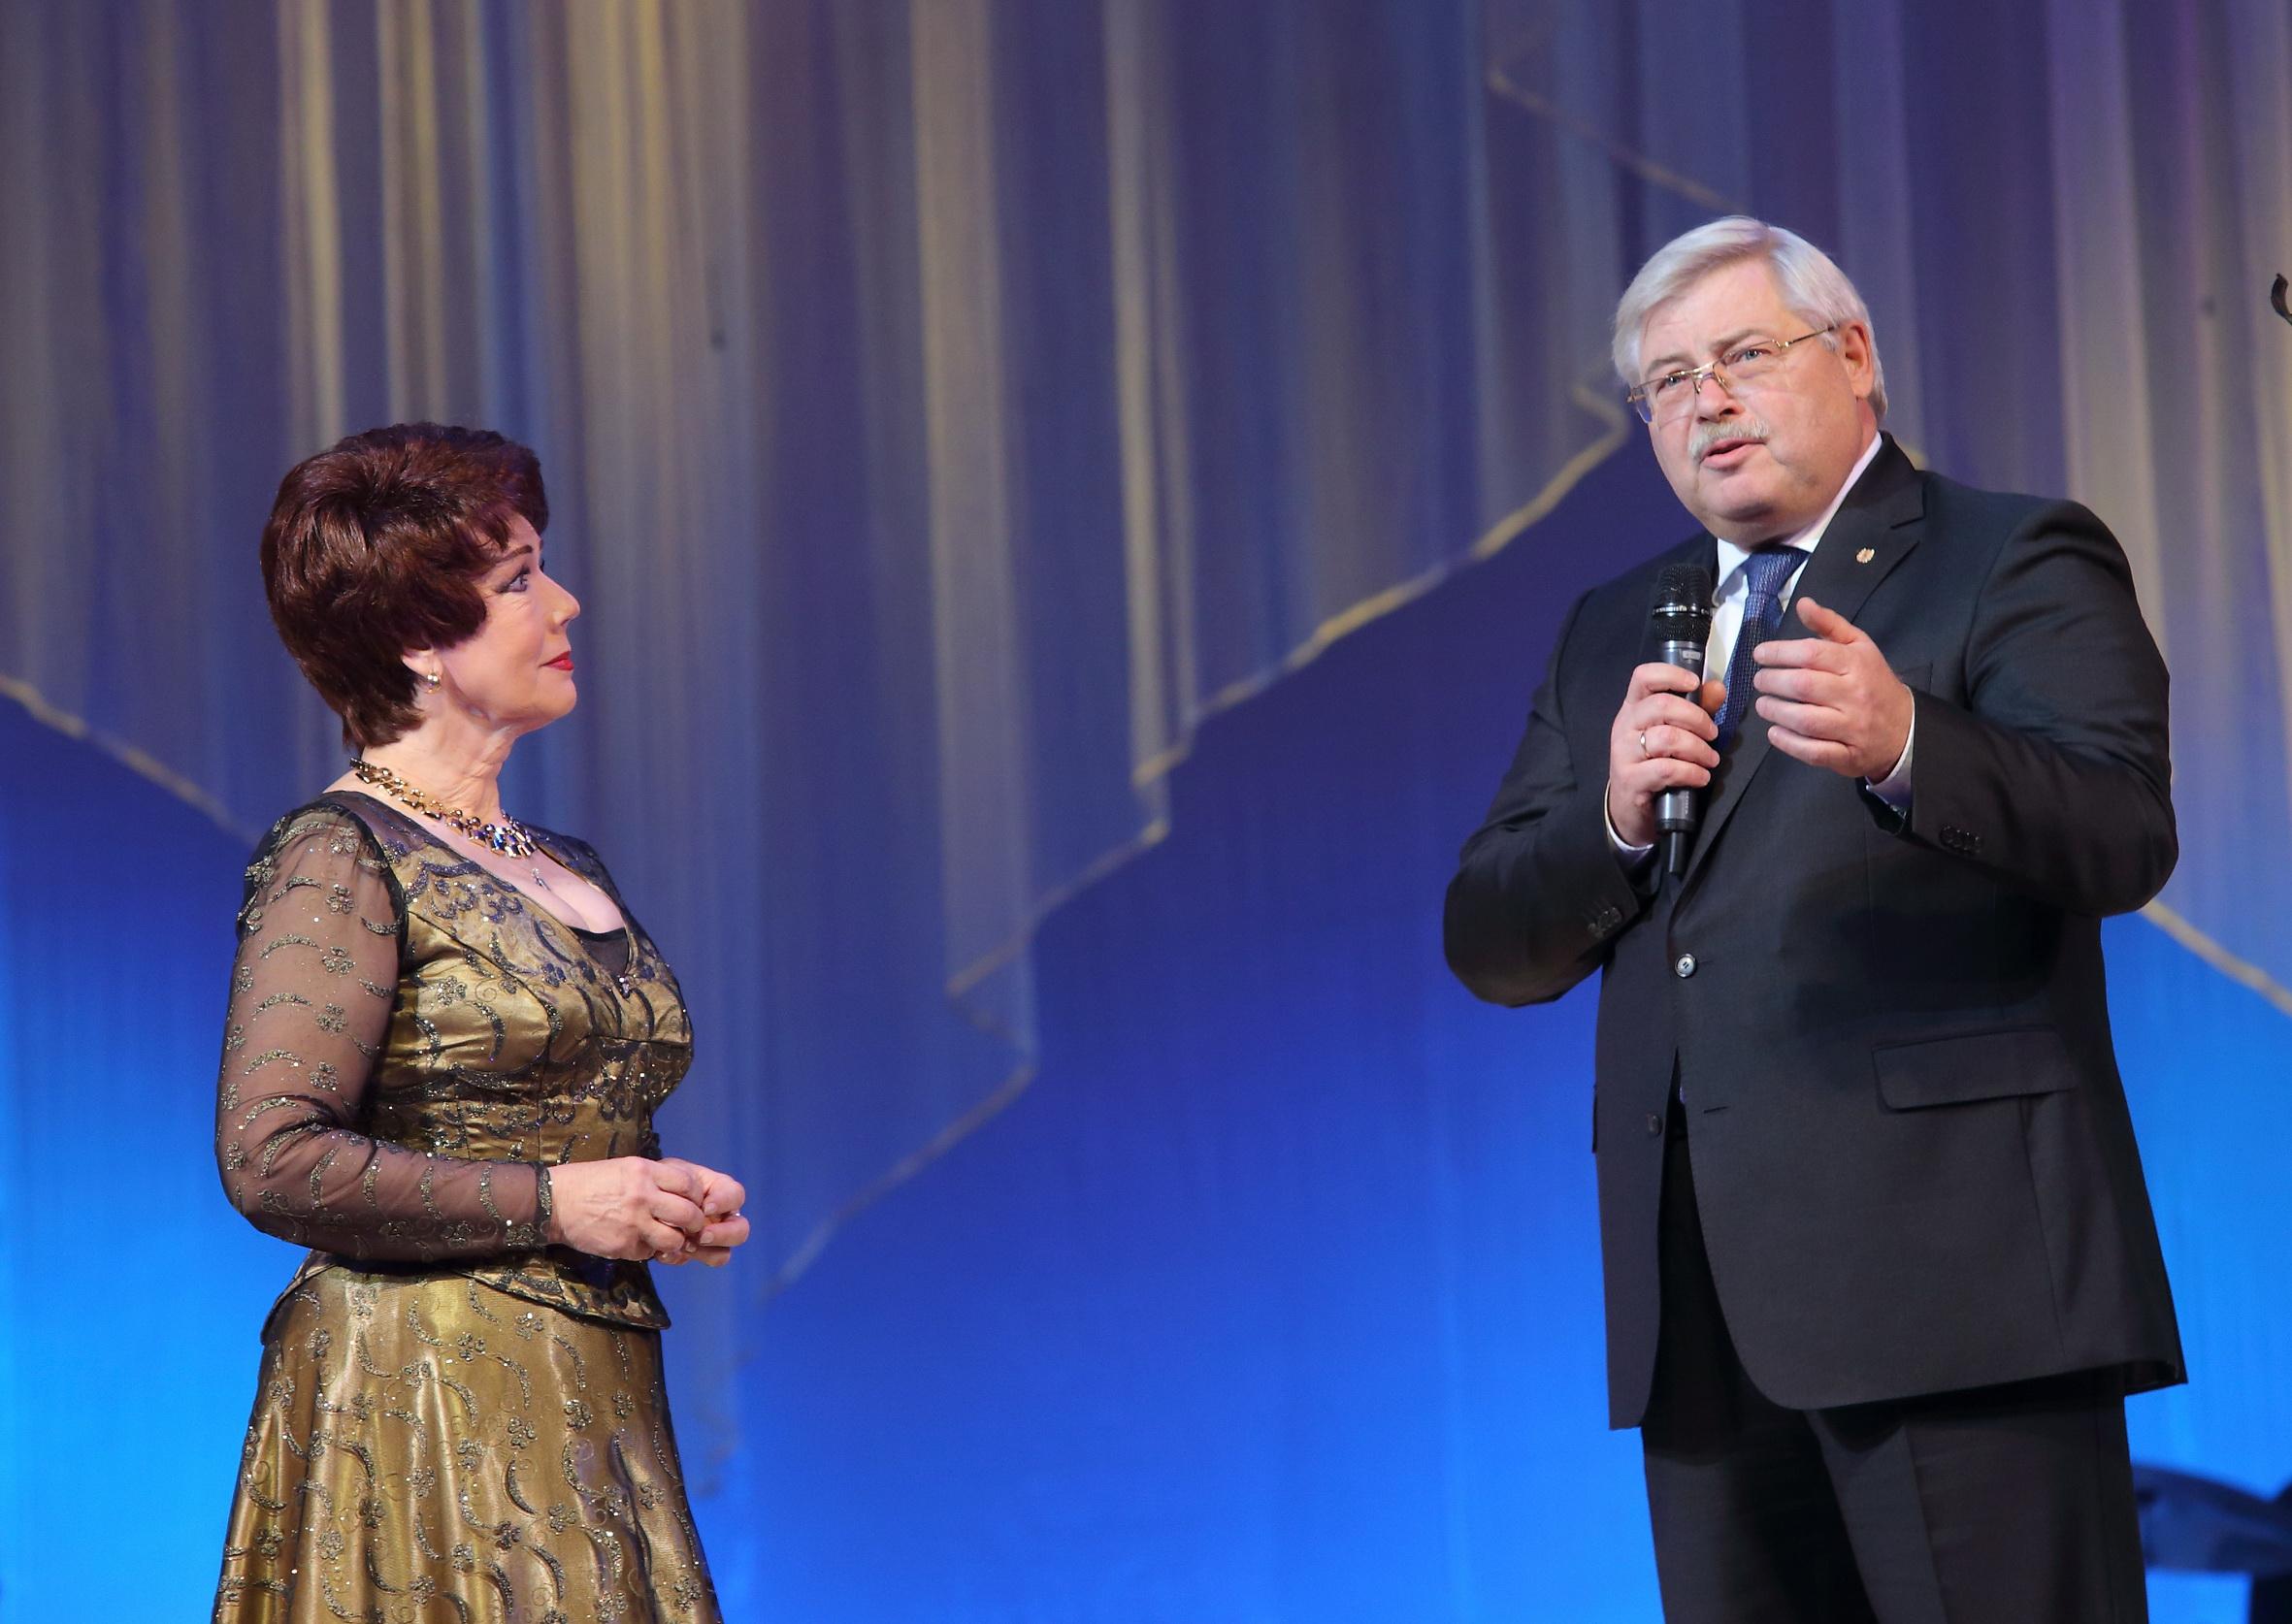 Сергей Жвачкин поздравил народную артистку Людмилу Травкину